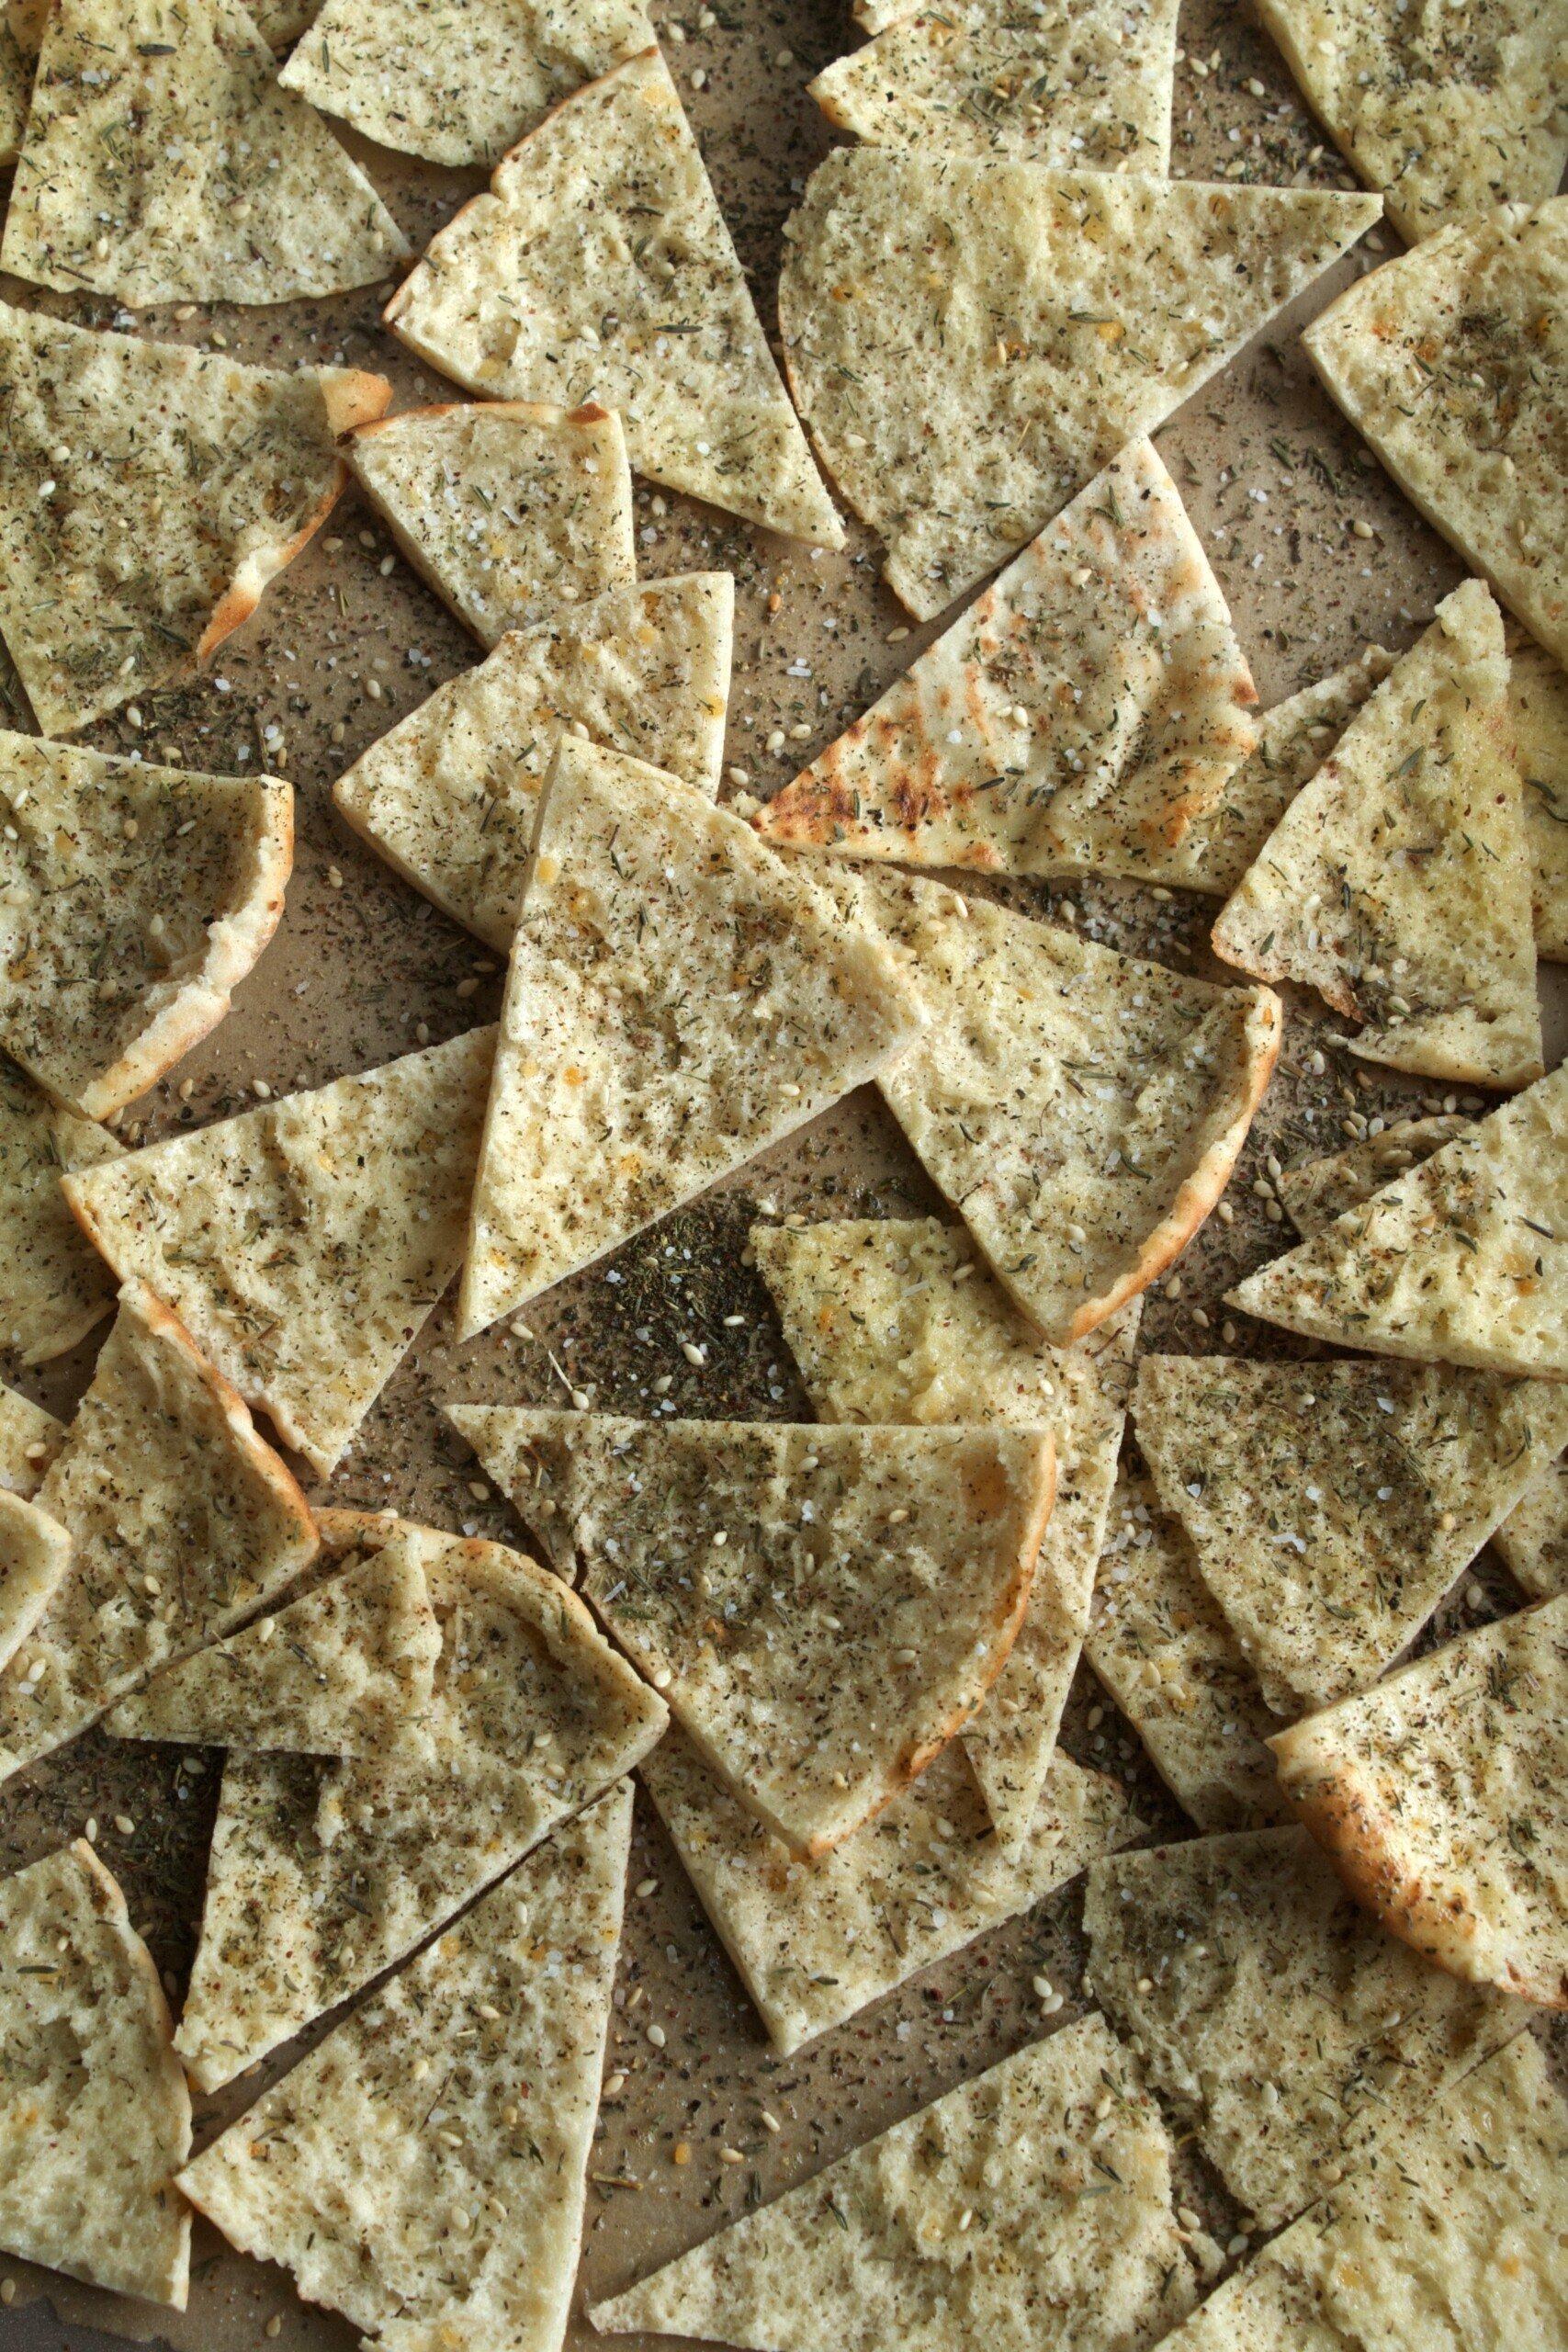 Pita wedges on a baking sheet